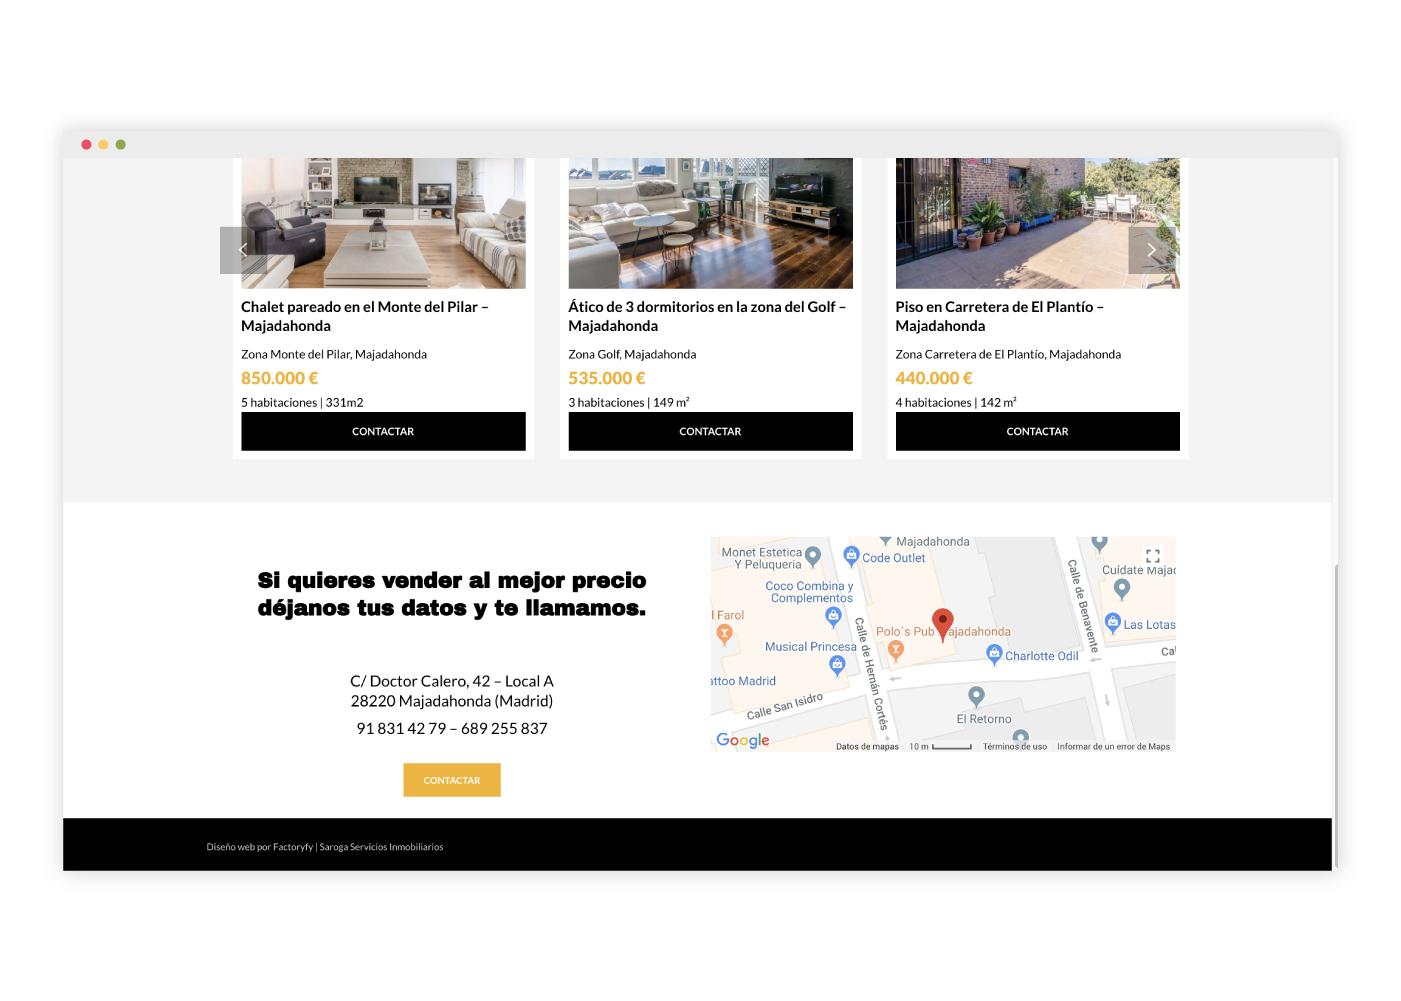 diseno-programacion-web-inmobiliaria-online-3